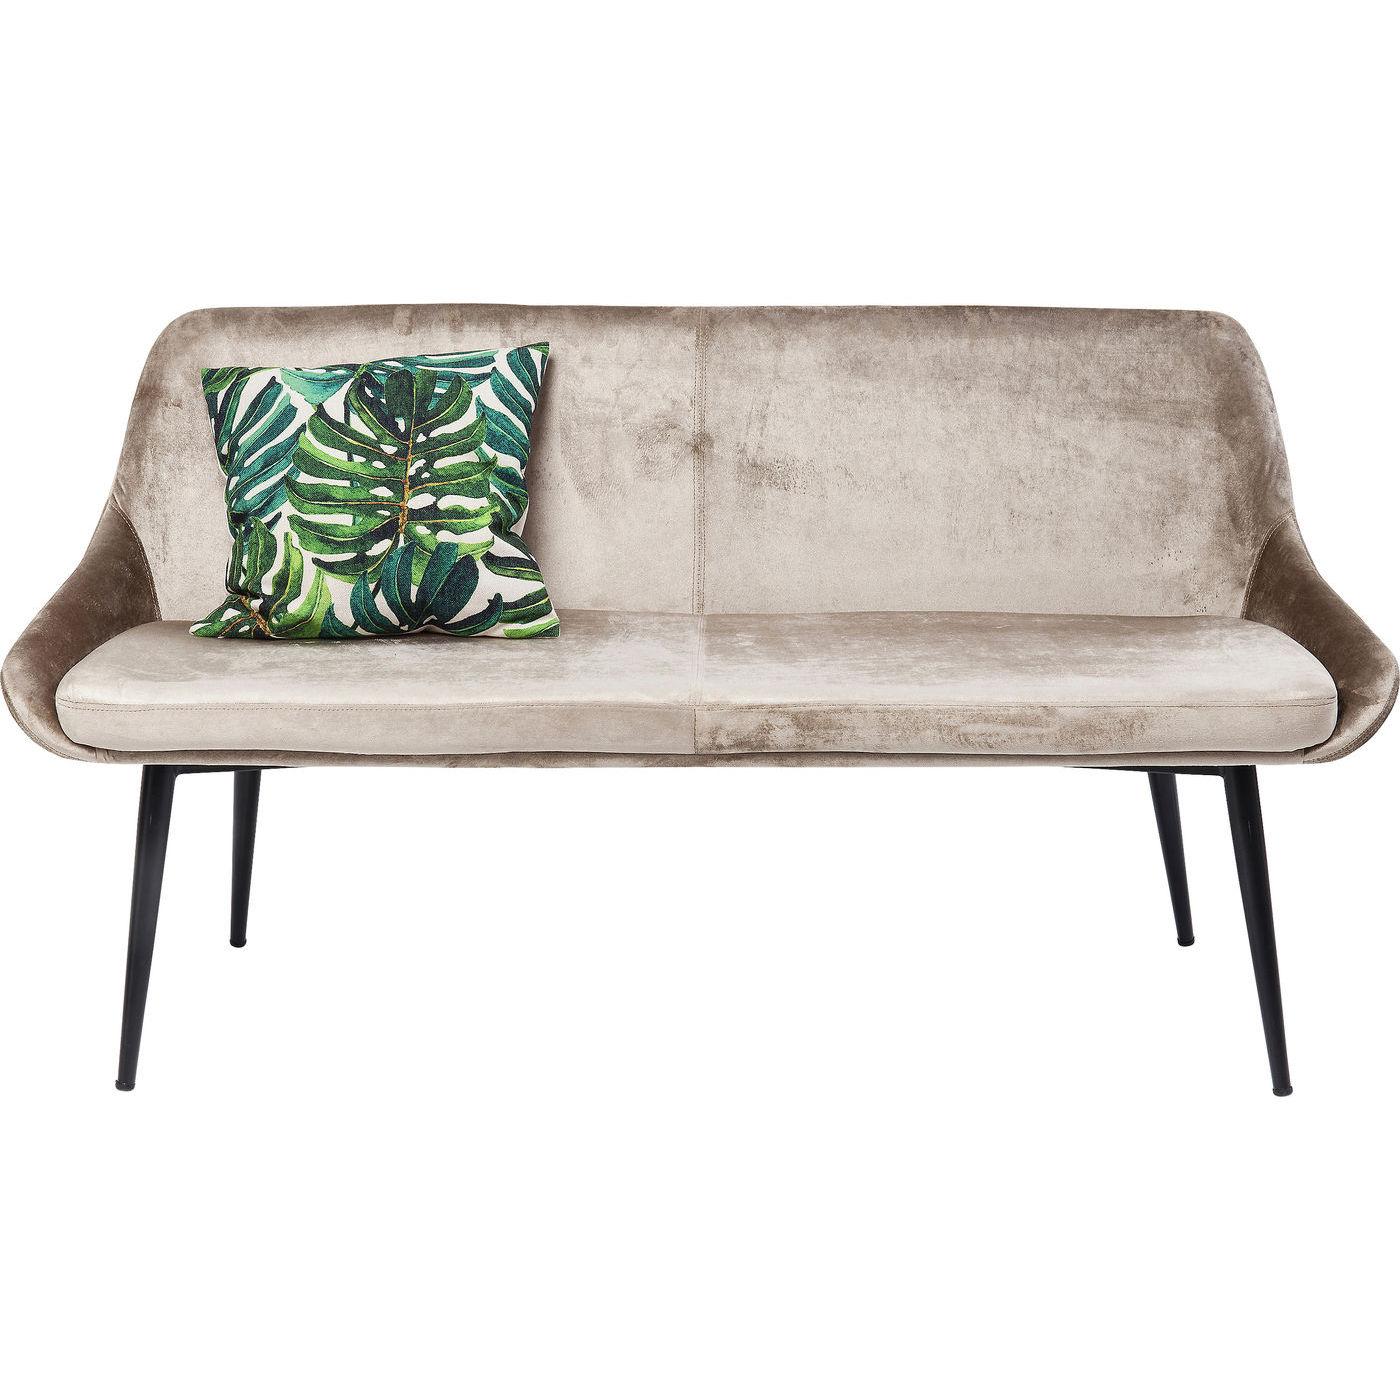 Kare design east side sofabænk - beige stof og sort stål, m. ryglæn fra kare design fra boboonline.dk